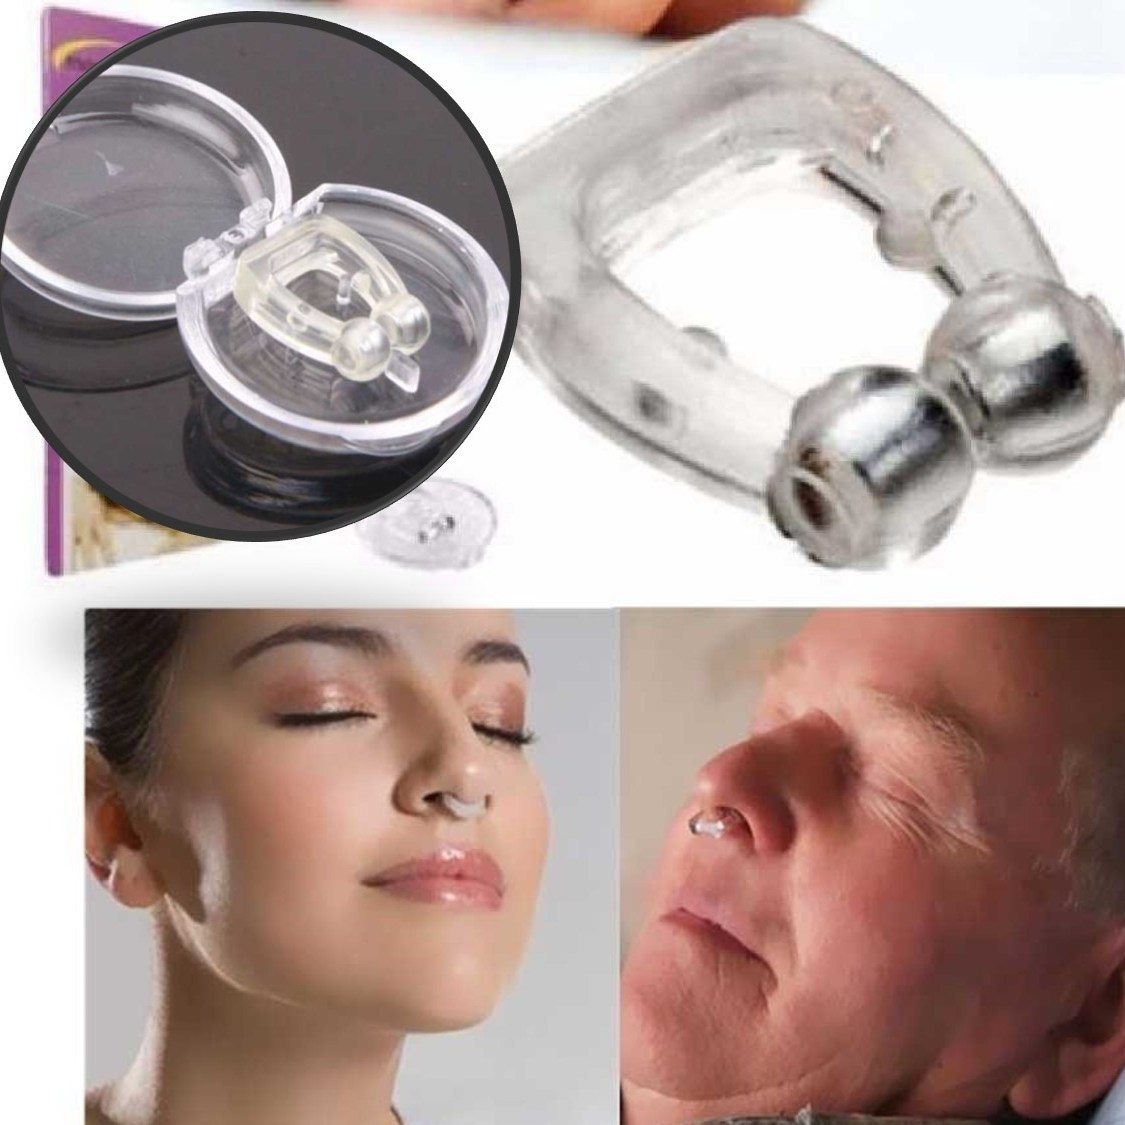 아임홈인 수면 중 코골이 고치는 법 코 안고는 입 벌리고자는 아이 무호흡증 벌리는습관 방지 기구, 1개